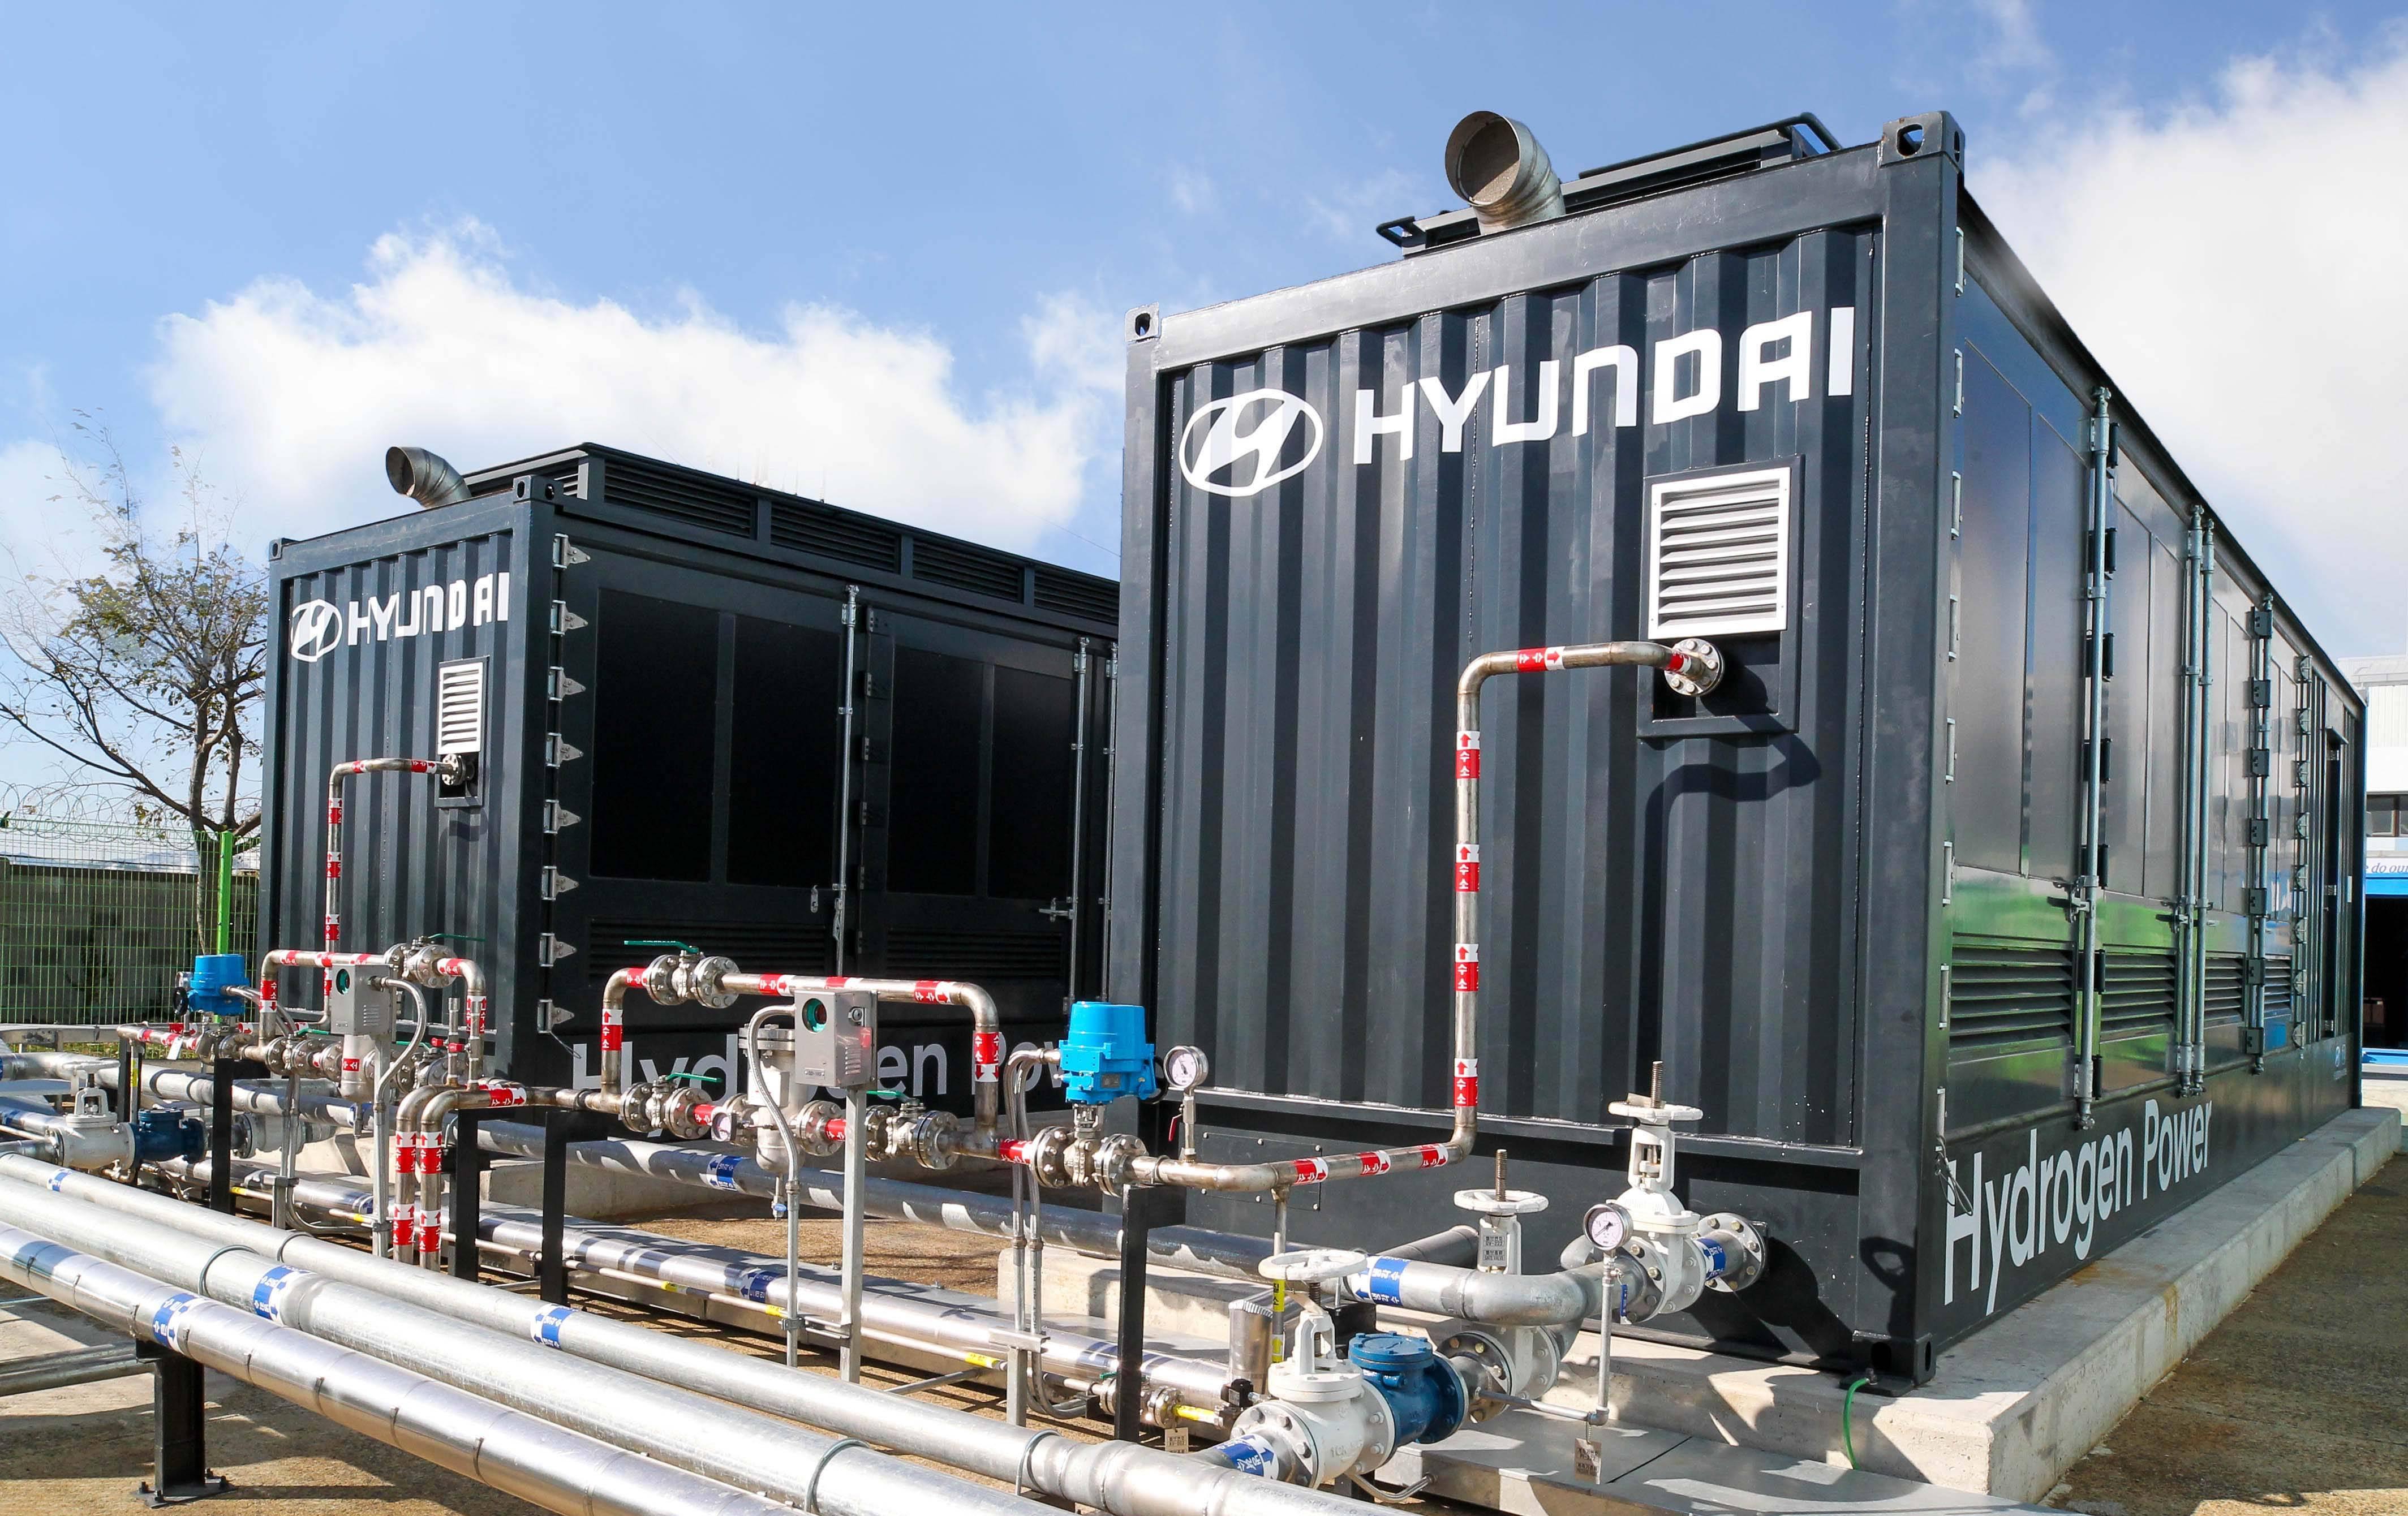 现代汽车公司的氢燃料电池发电项目已经完成,并开始示范运营